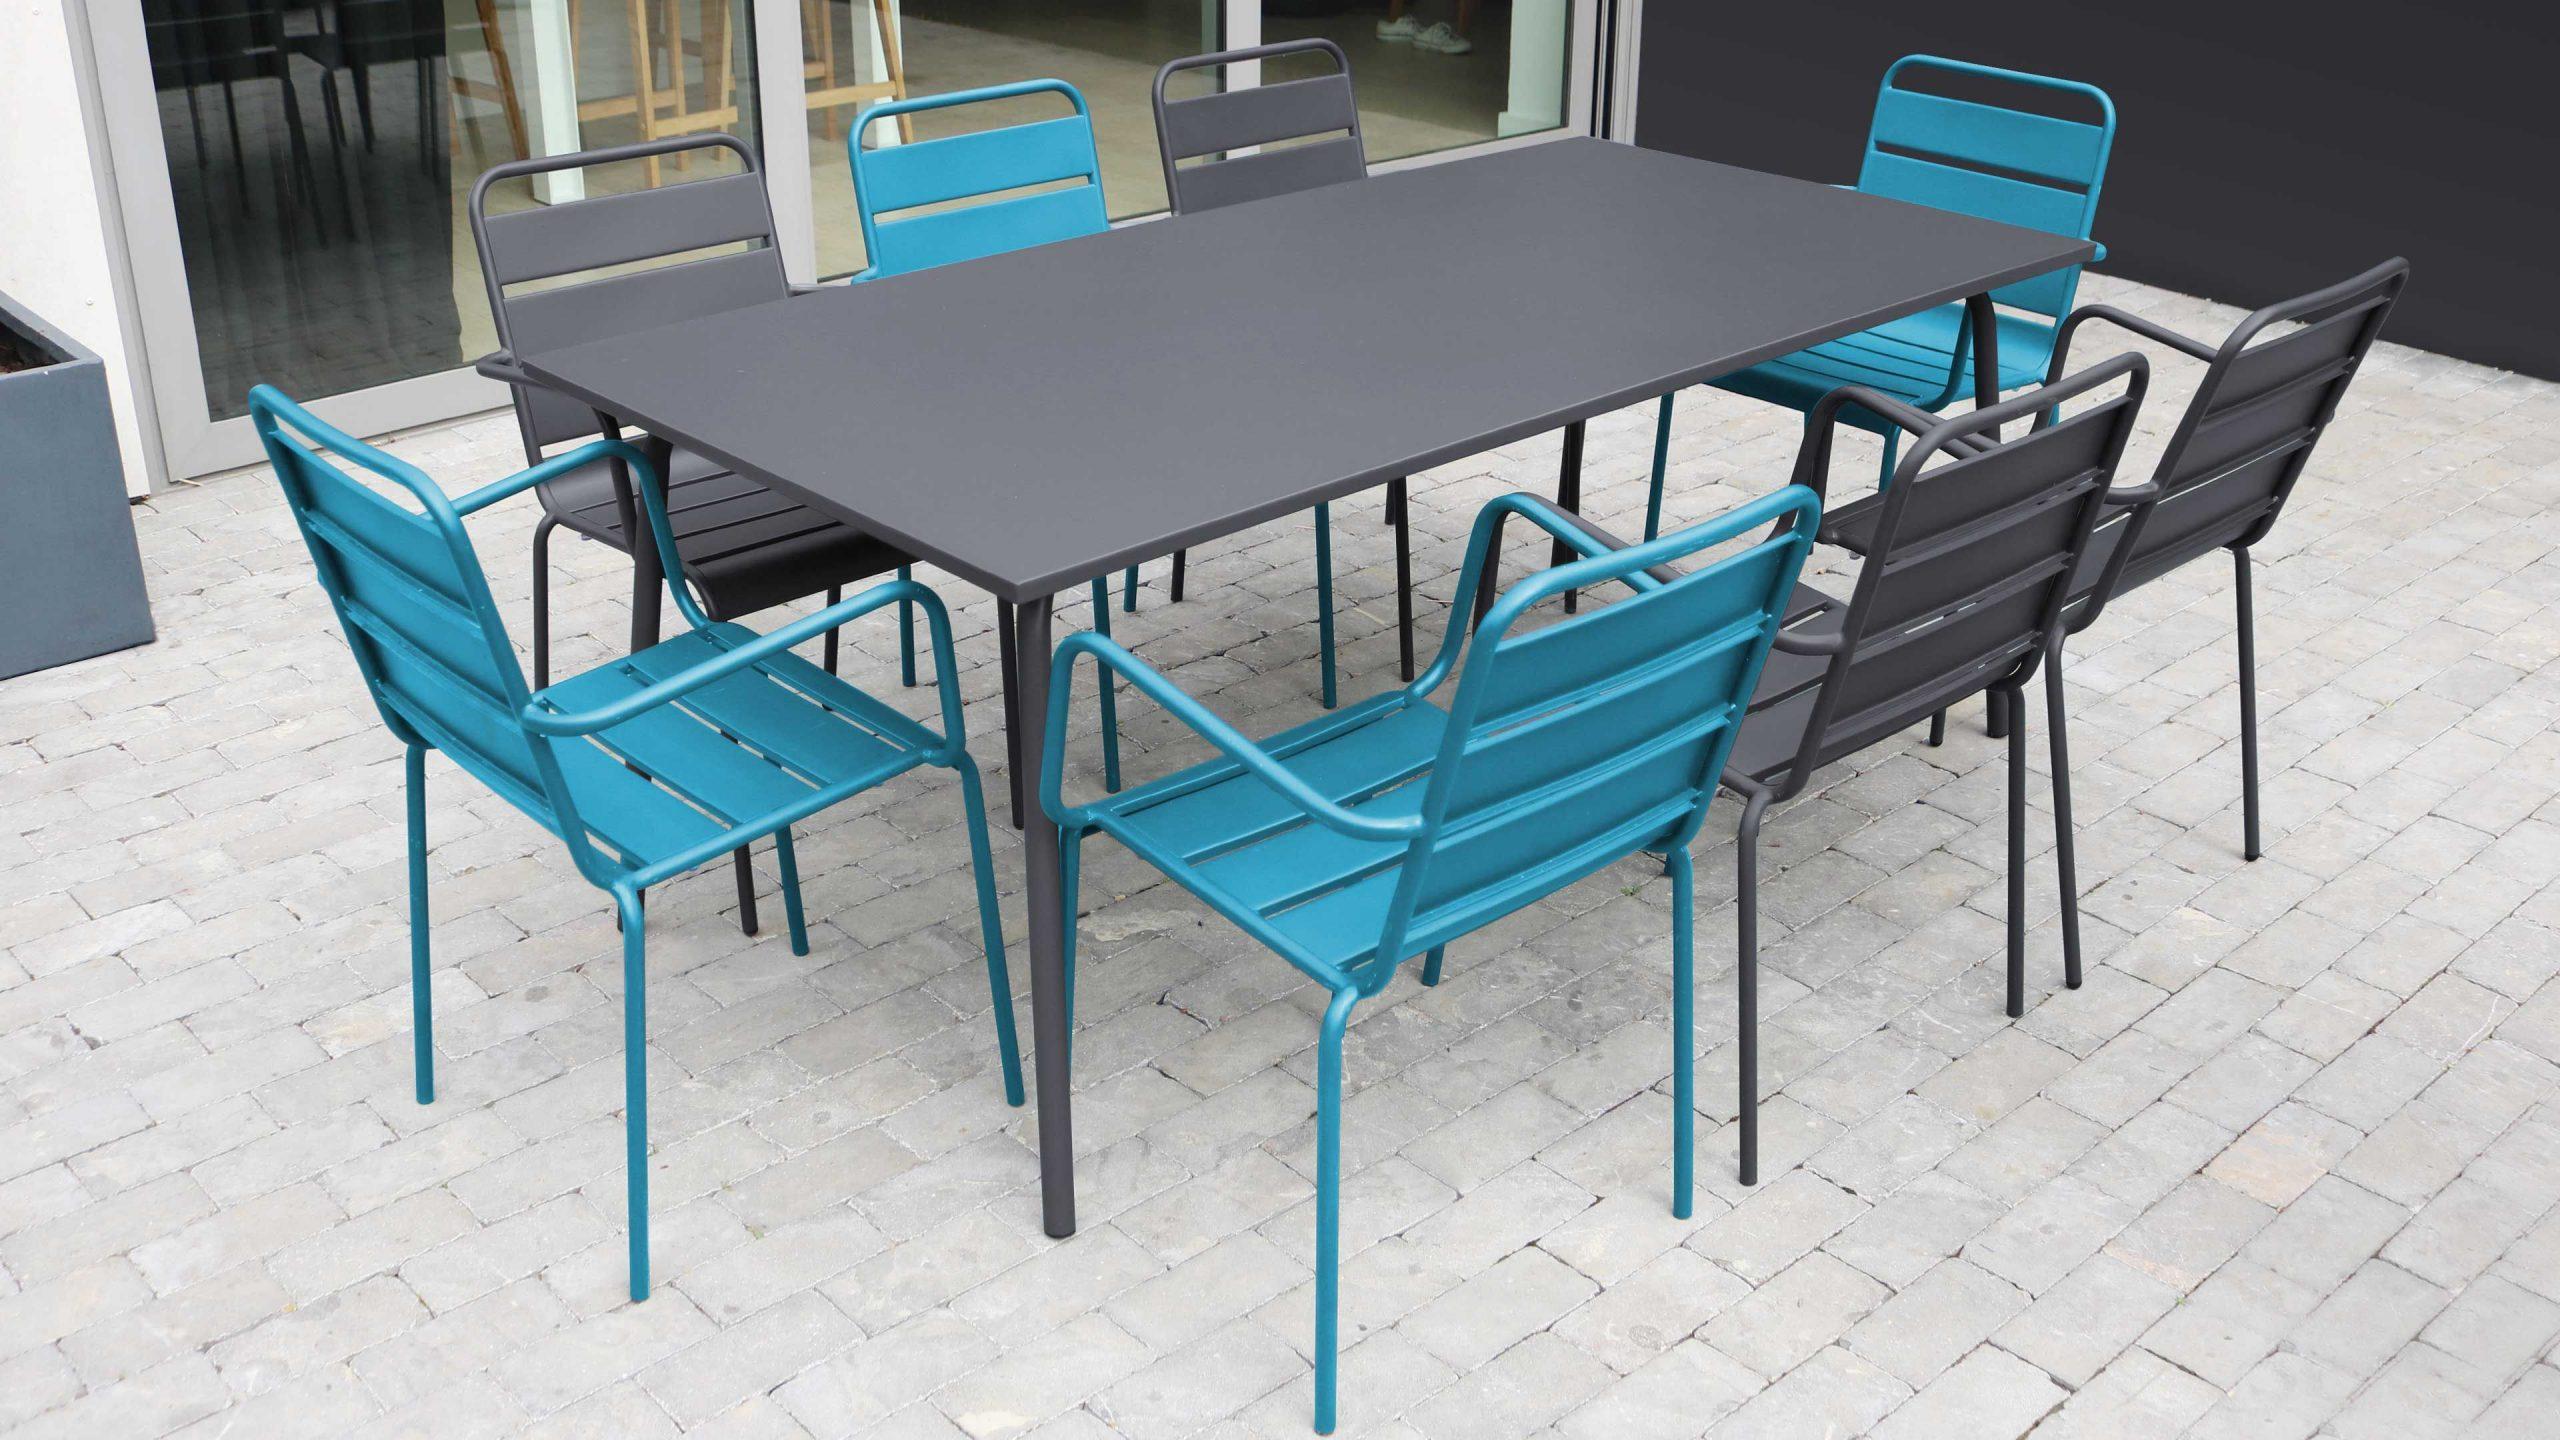 Salon De Jardin Metal Table Et Fauteuils destiné Table De Jardin Avec Chaise Pas Cher